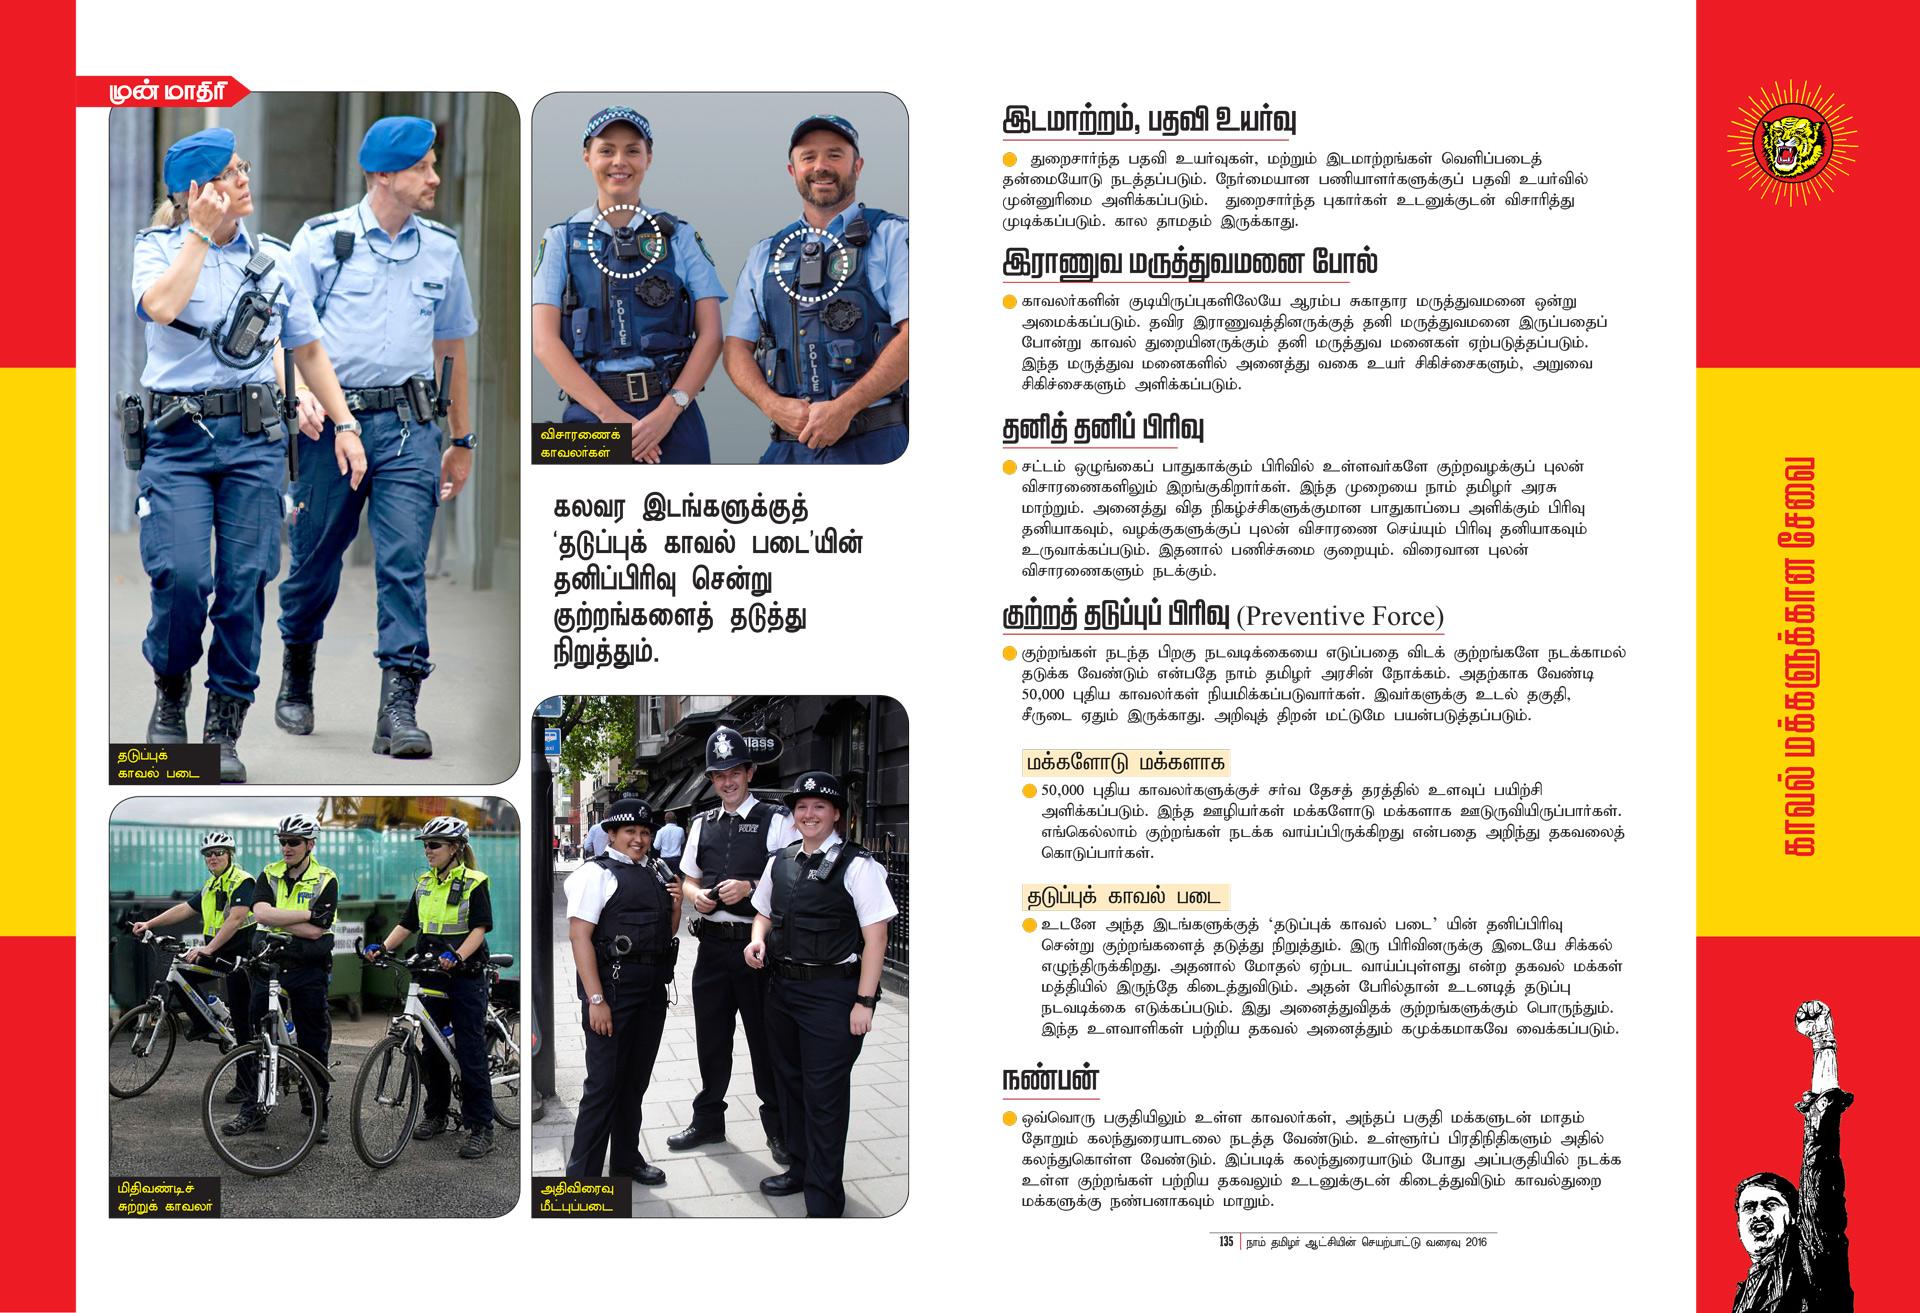 காவல் மக்களுக்கான சேவை  | நாம் தமிழர் ஆட்சியின் செயற்பாட்டு வரைவு | மக்களரசு naam tamilar katchi seyarpattu varaivu 2016 ultra modern tamilnadu cop camera bycycle